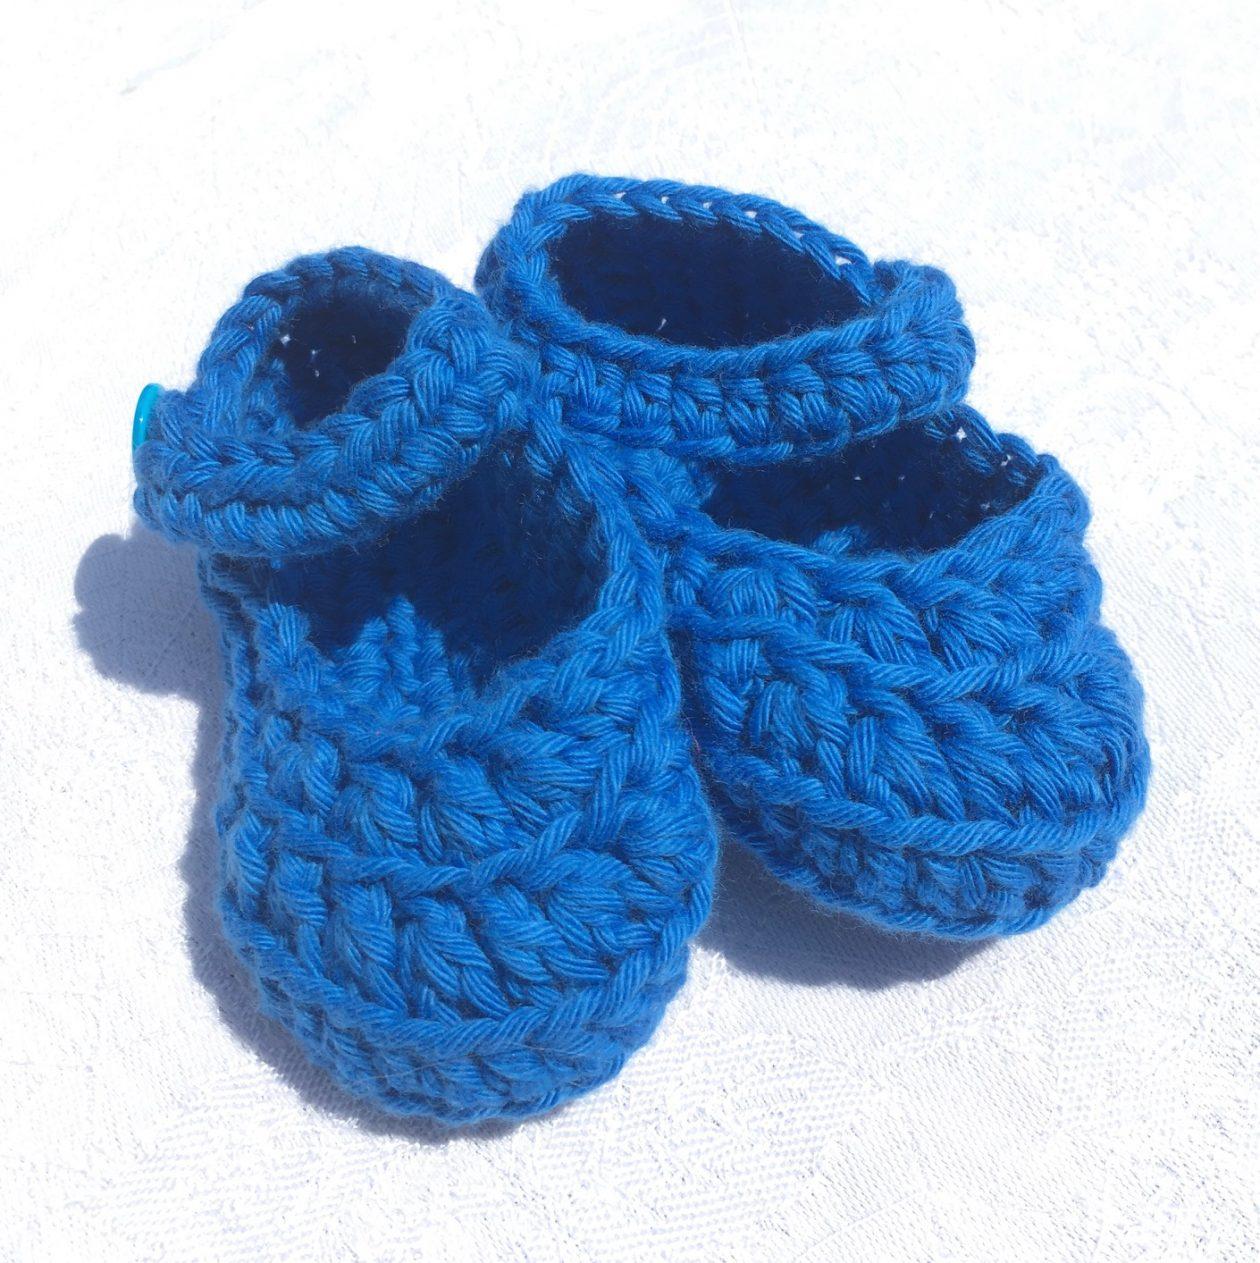 Crochet Booties – Dark Blue Cotton